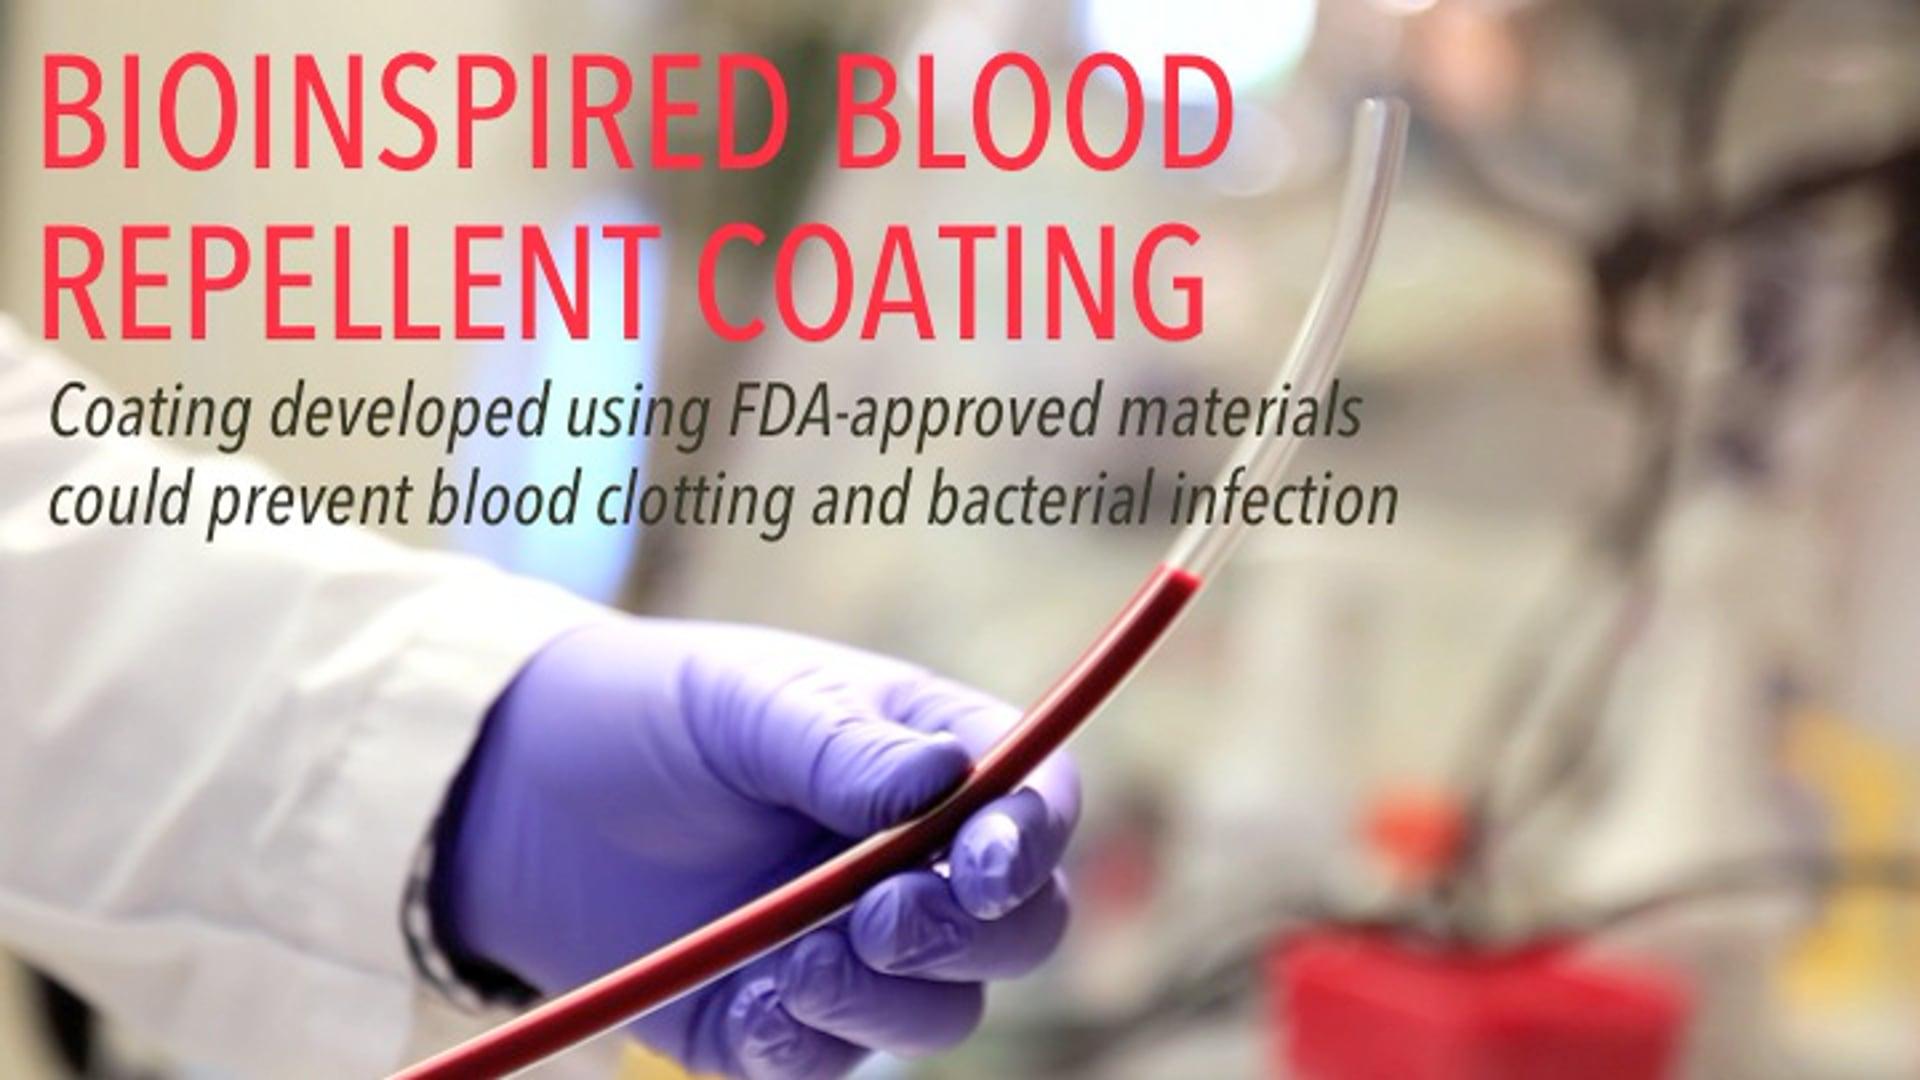 Bioinspired Blood Repellent Coating